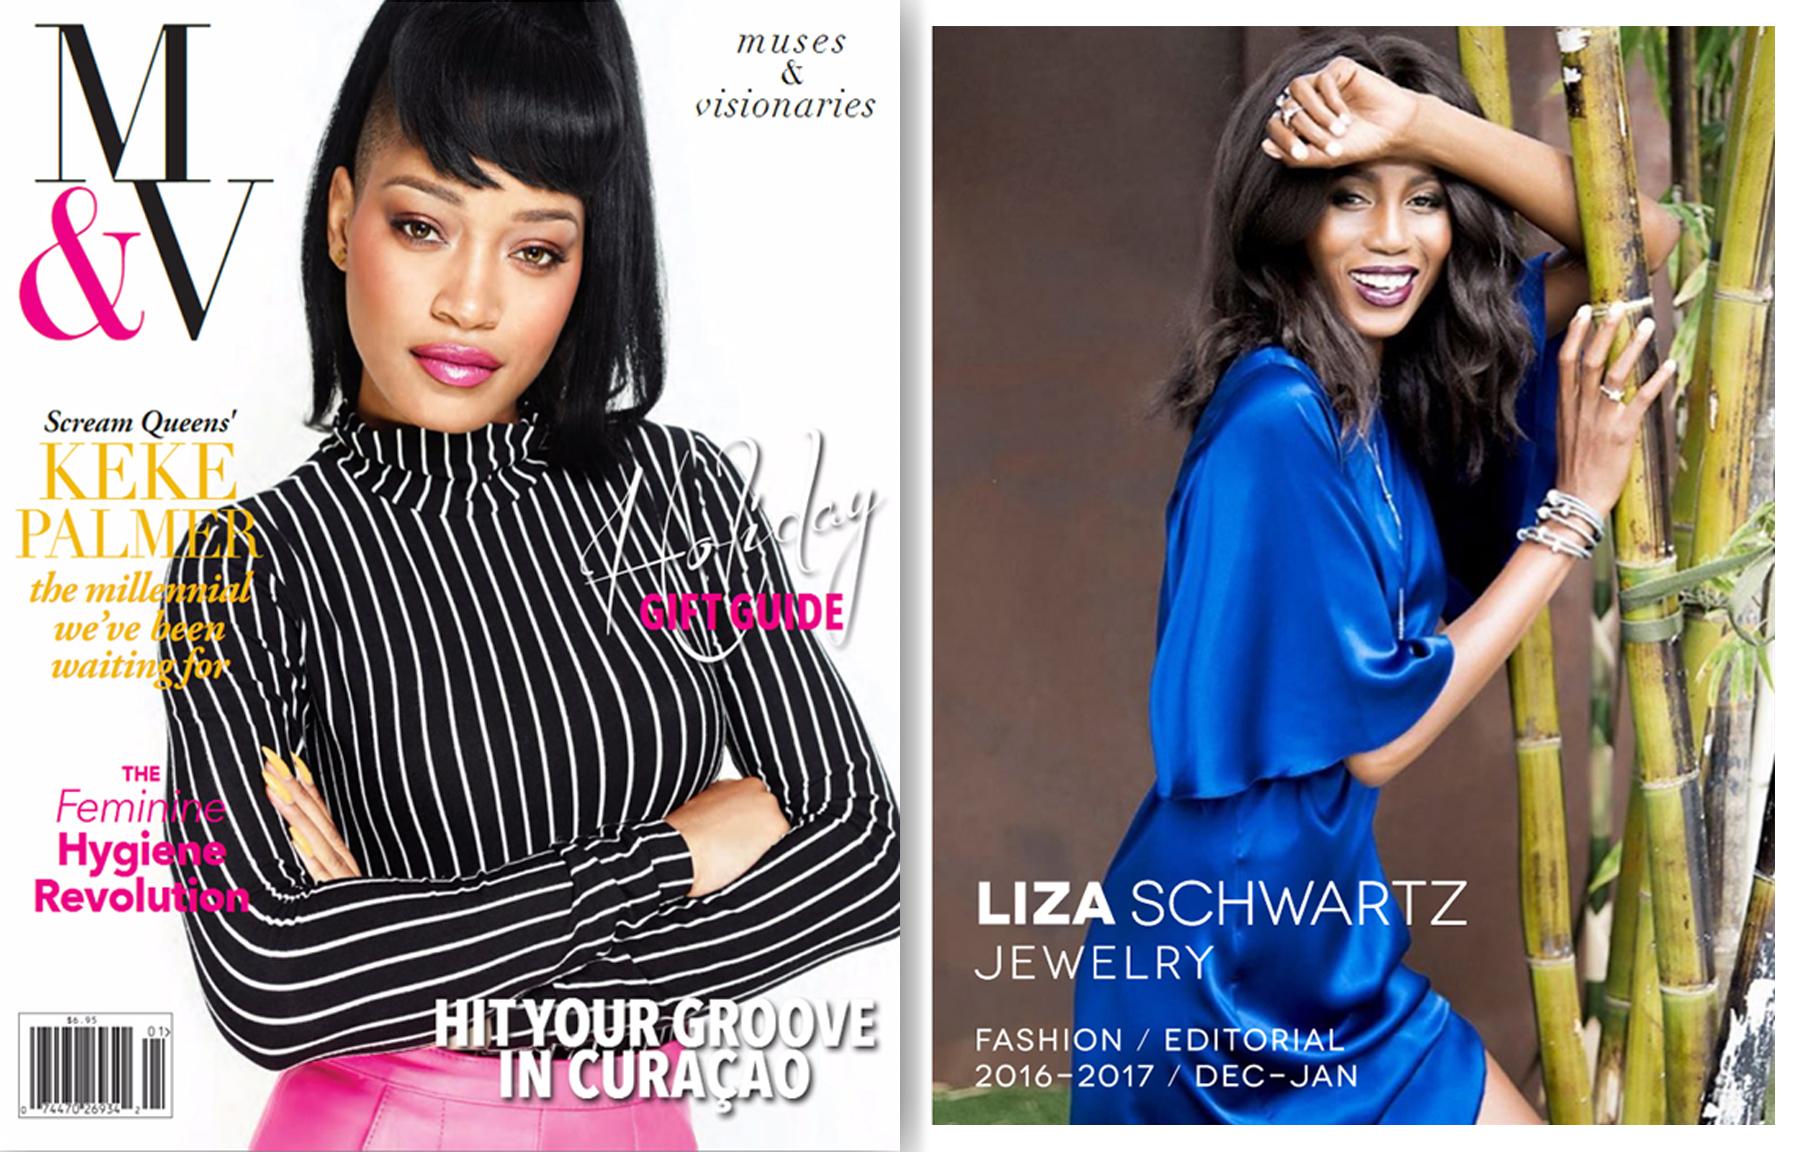 mv-magazine-celebrity-page-mh